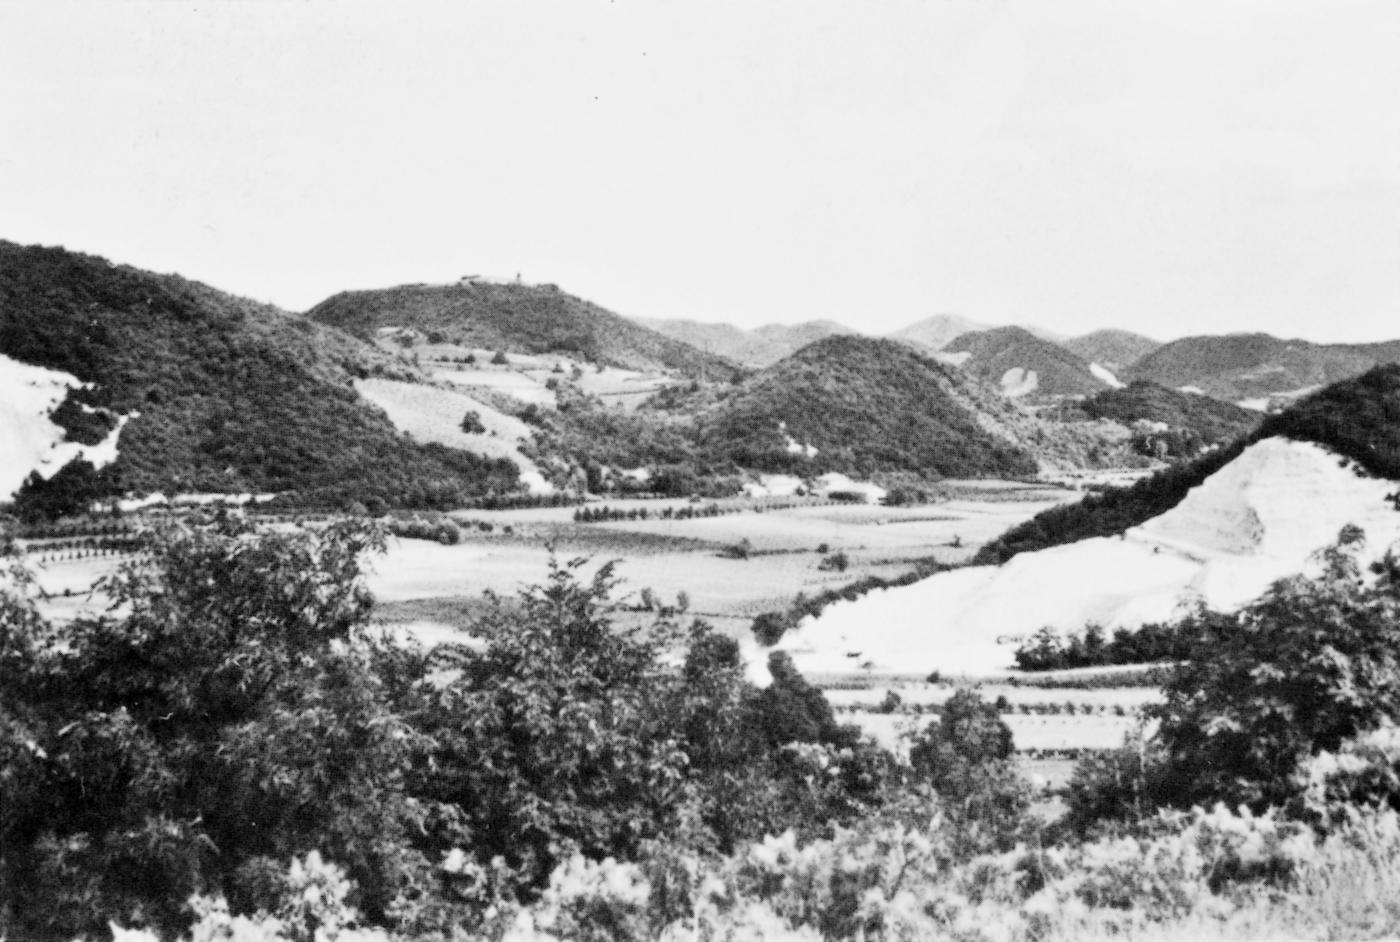 Cava Vallarega sul monte Solone (Teolo).